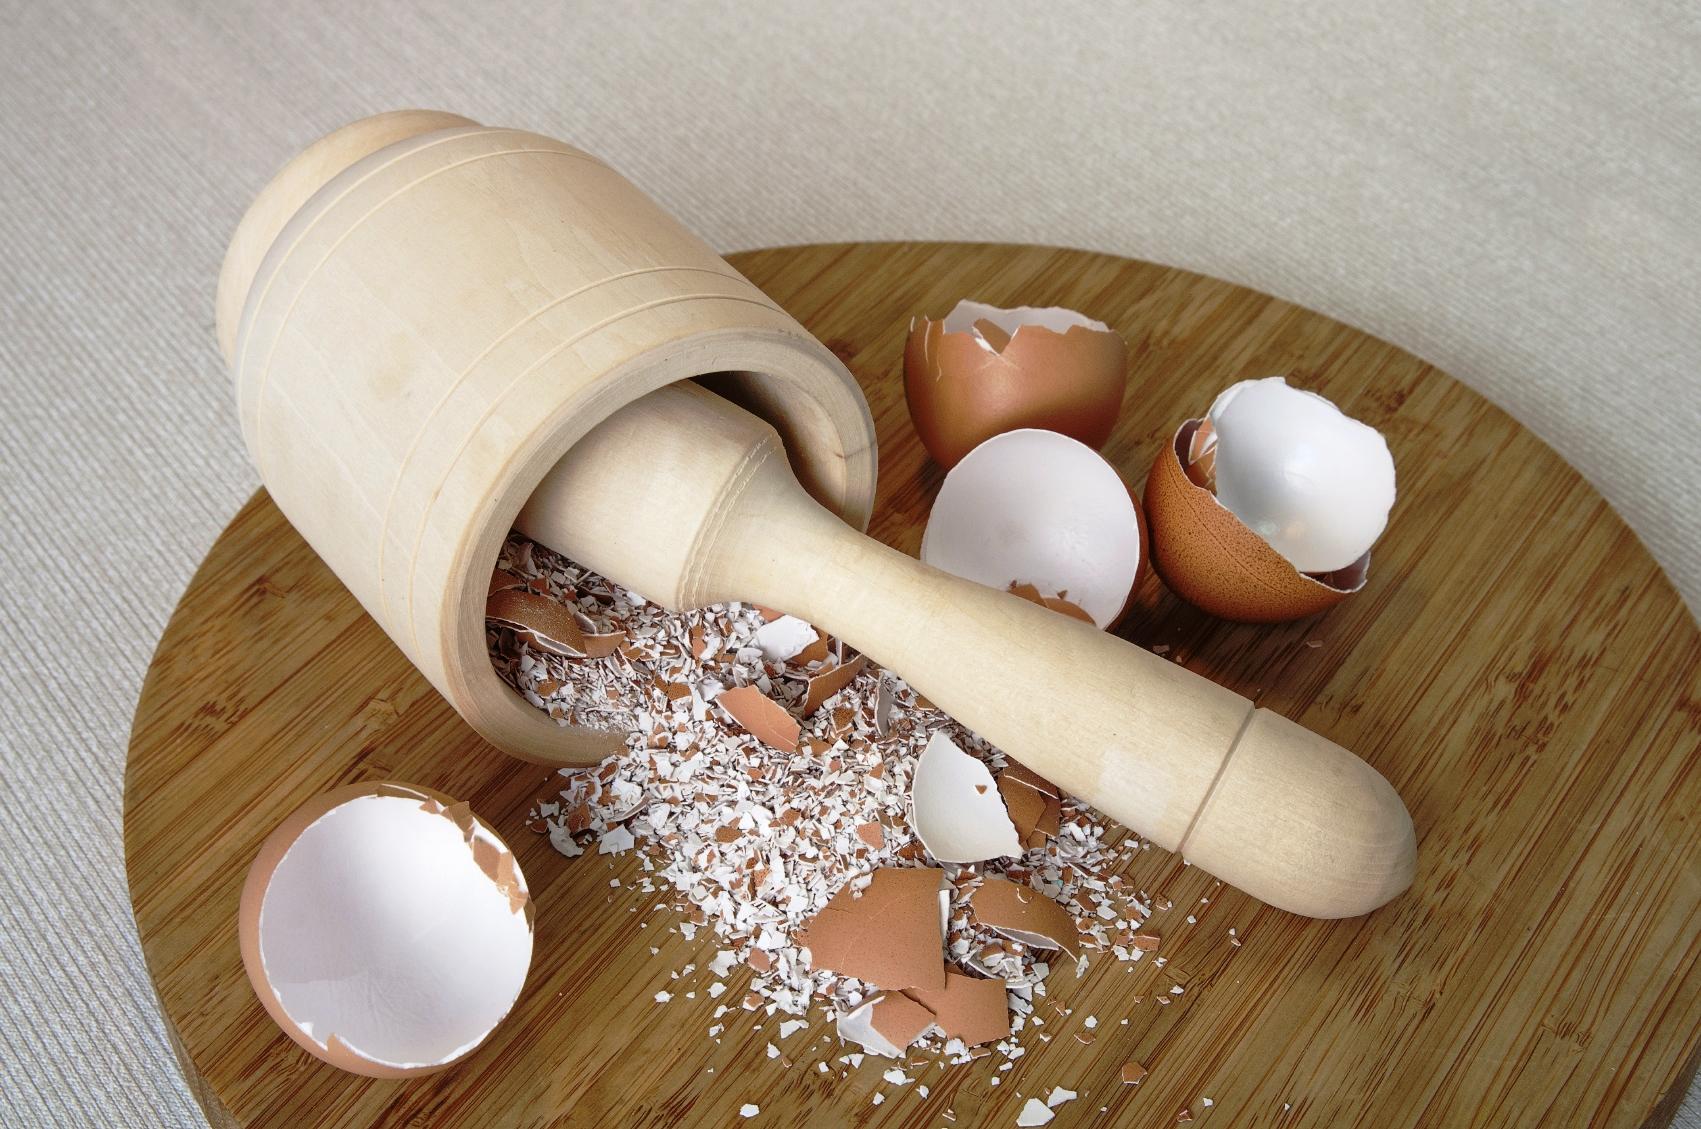 Использование яичной скорлупы как удобрения